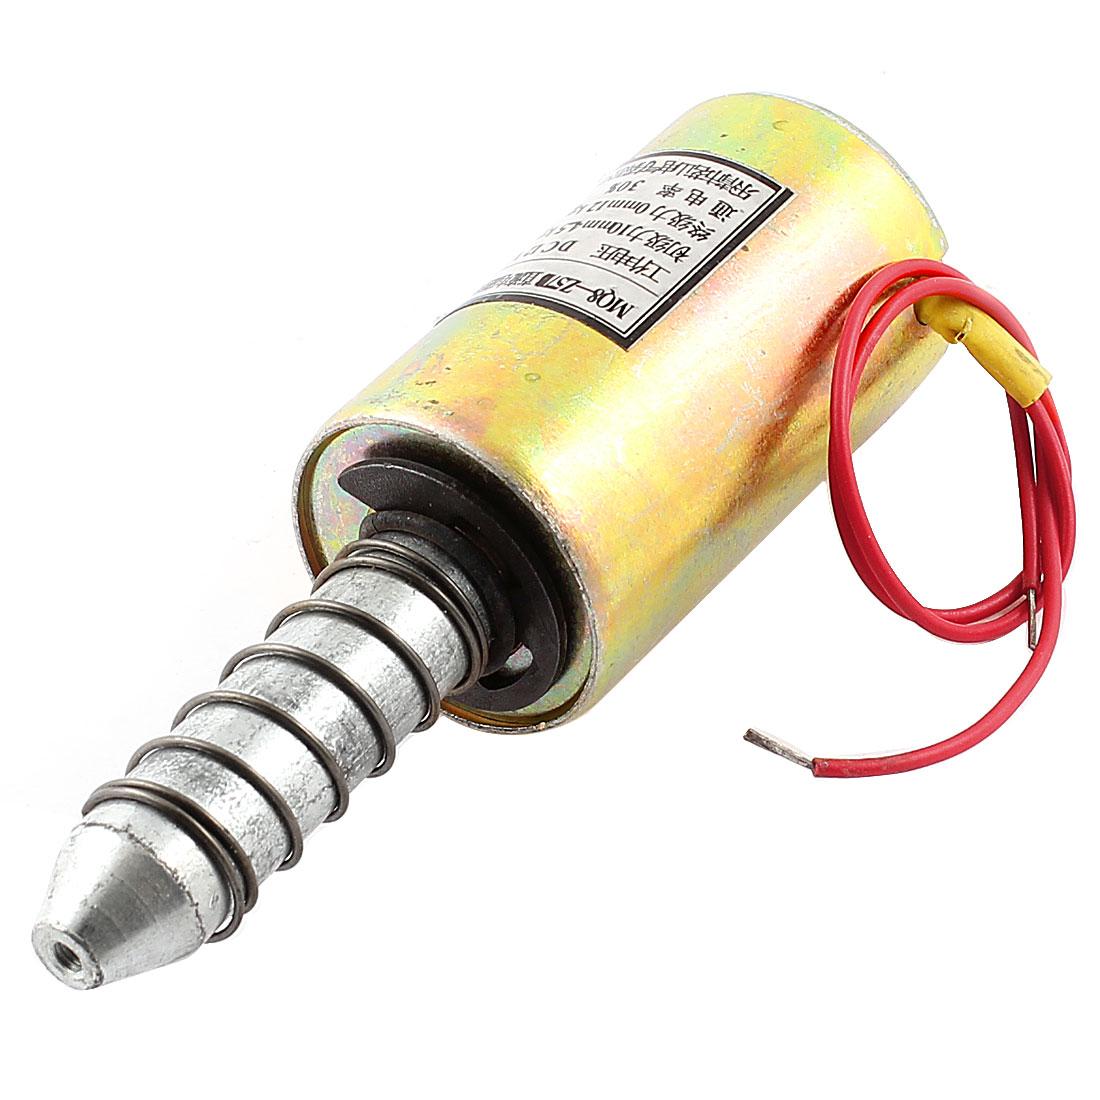 Pull Type 10mm/4.5kg 0mm/12kg 2 Wired Spring Plunger Solenoid Electromagnet DC 12V